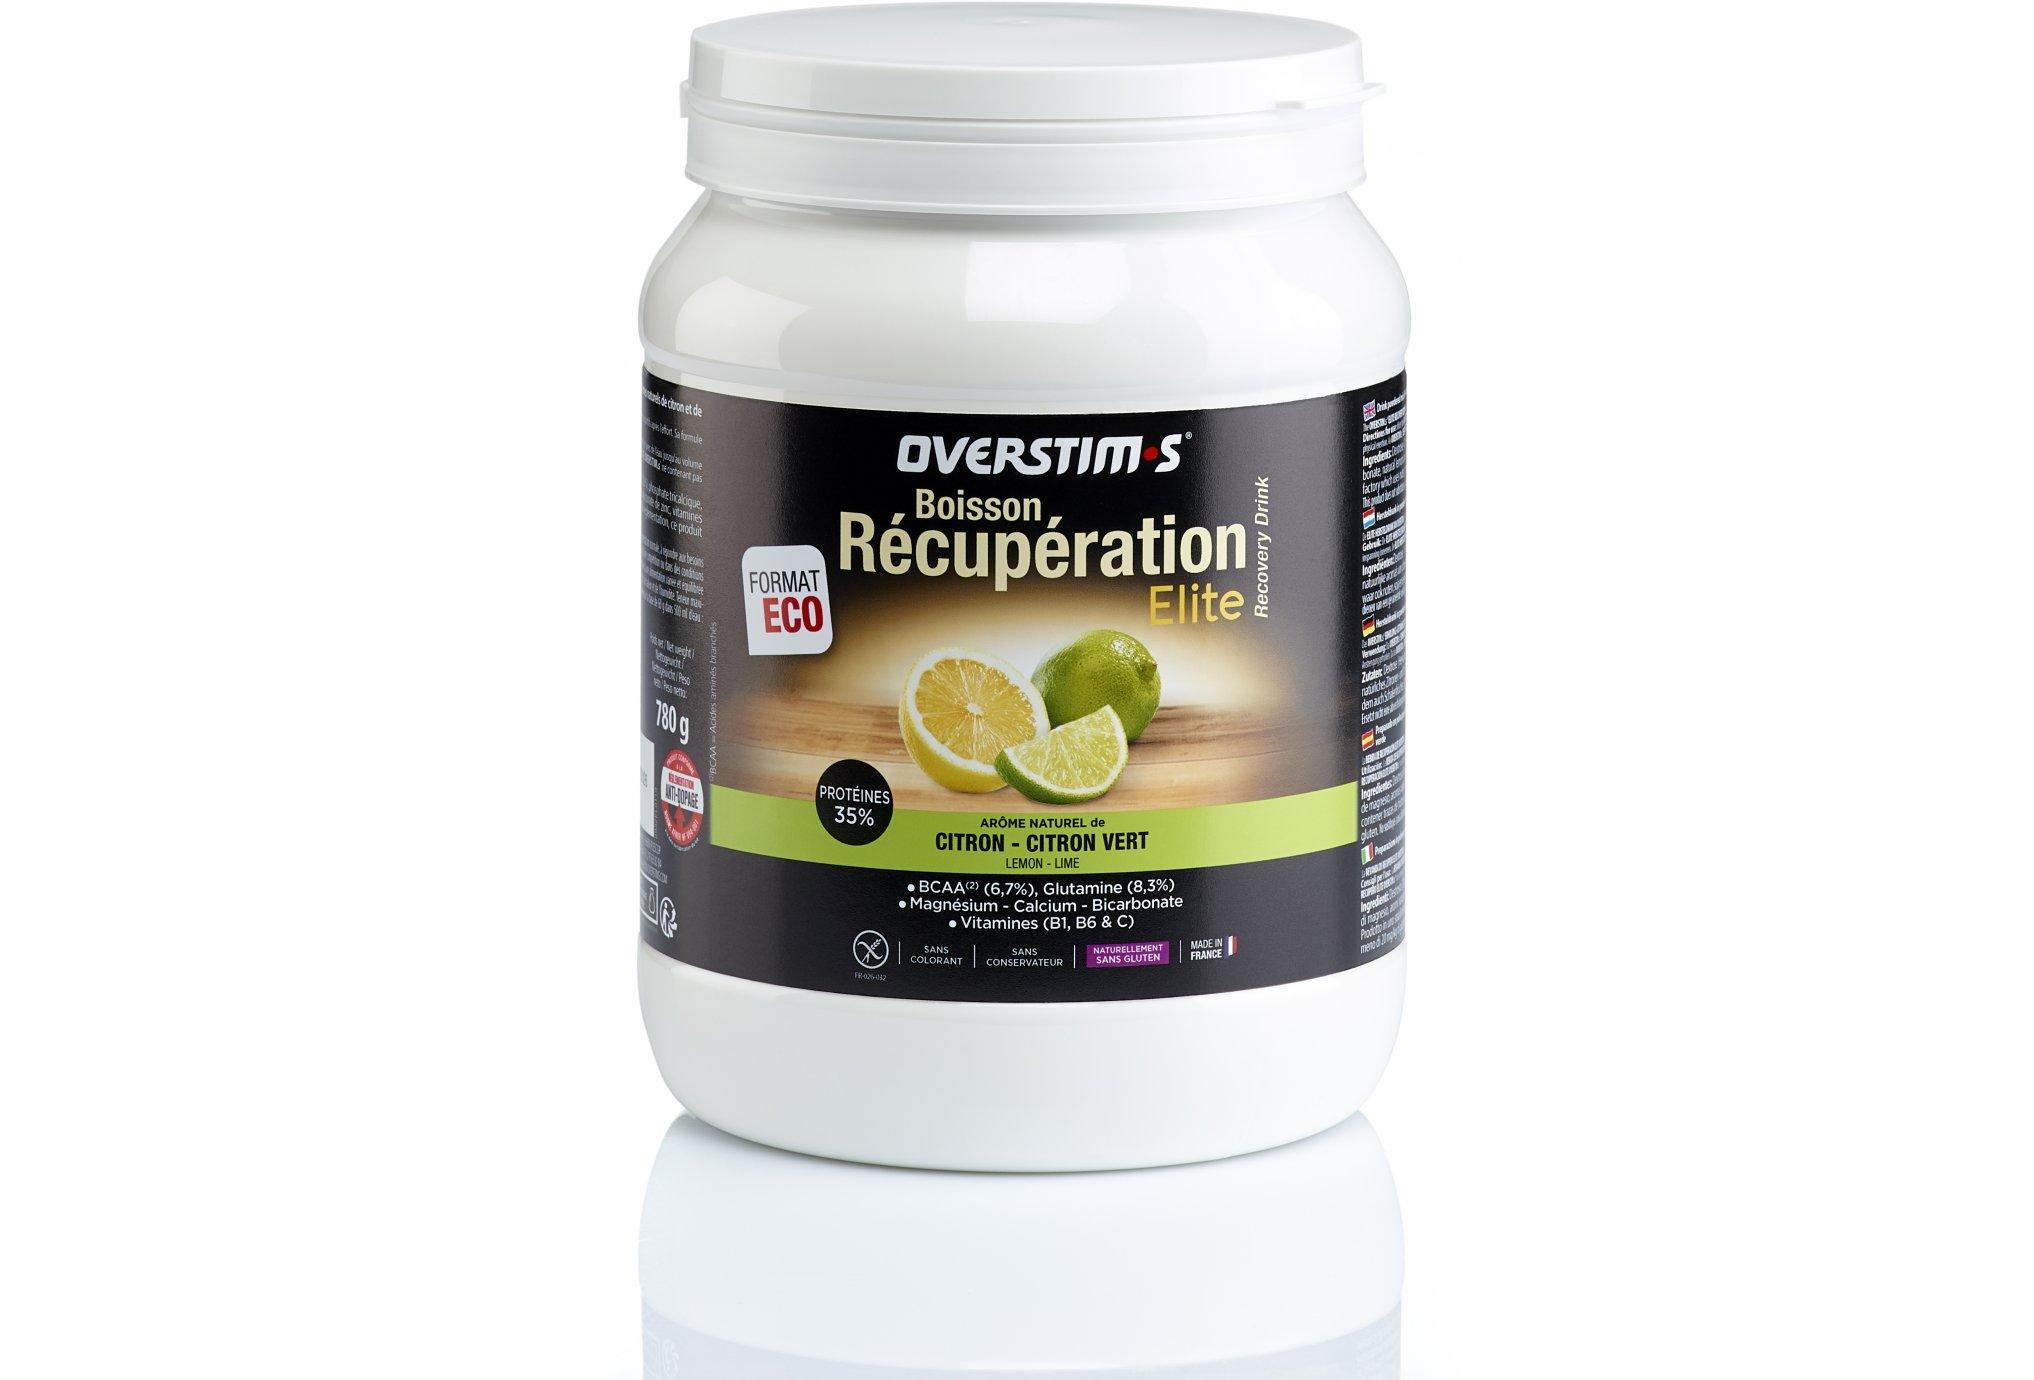 OVERSTIMS Boisson Récupération Élite 780g - Citron/citron vert Diététique Protéines / récupération